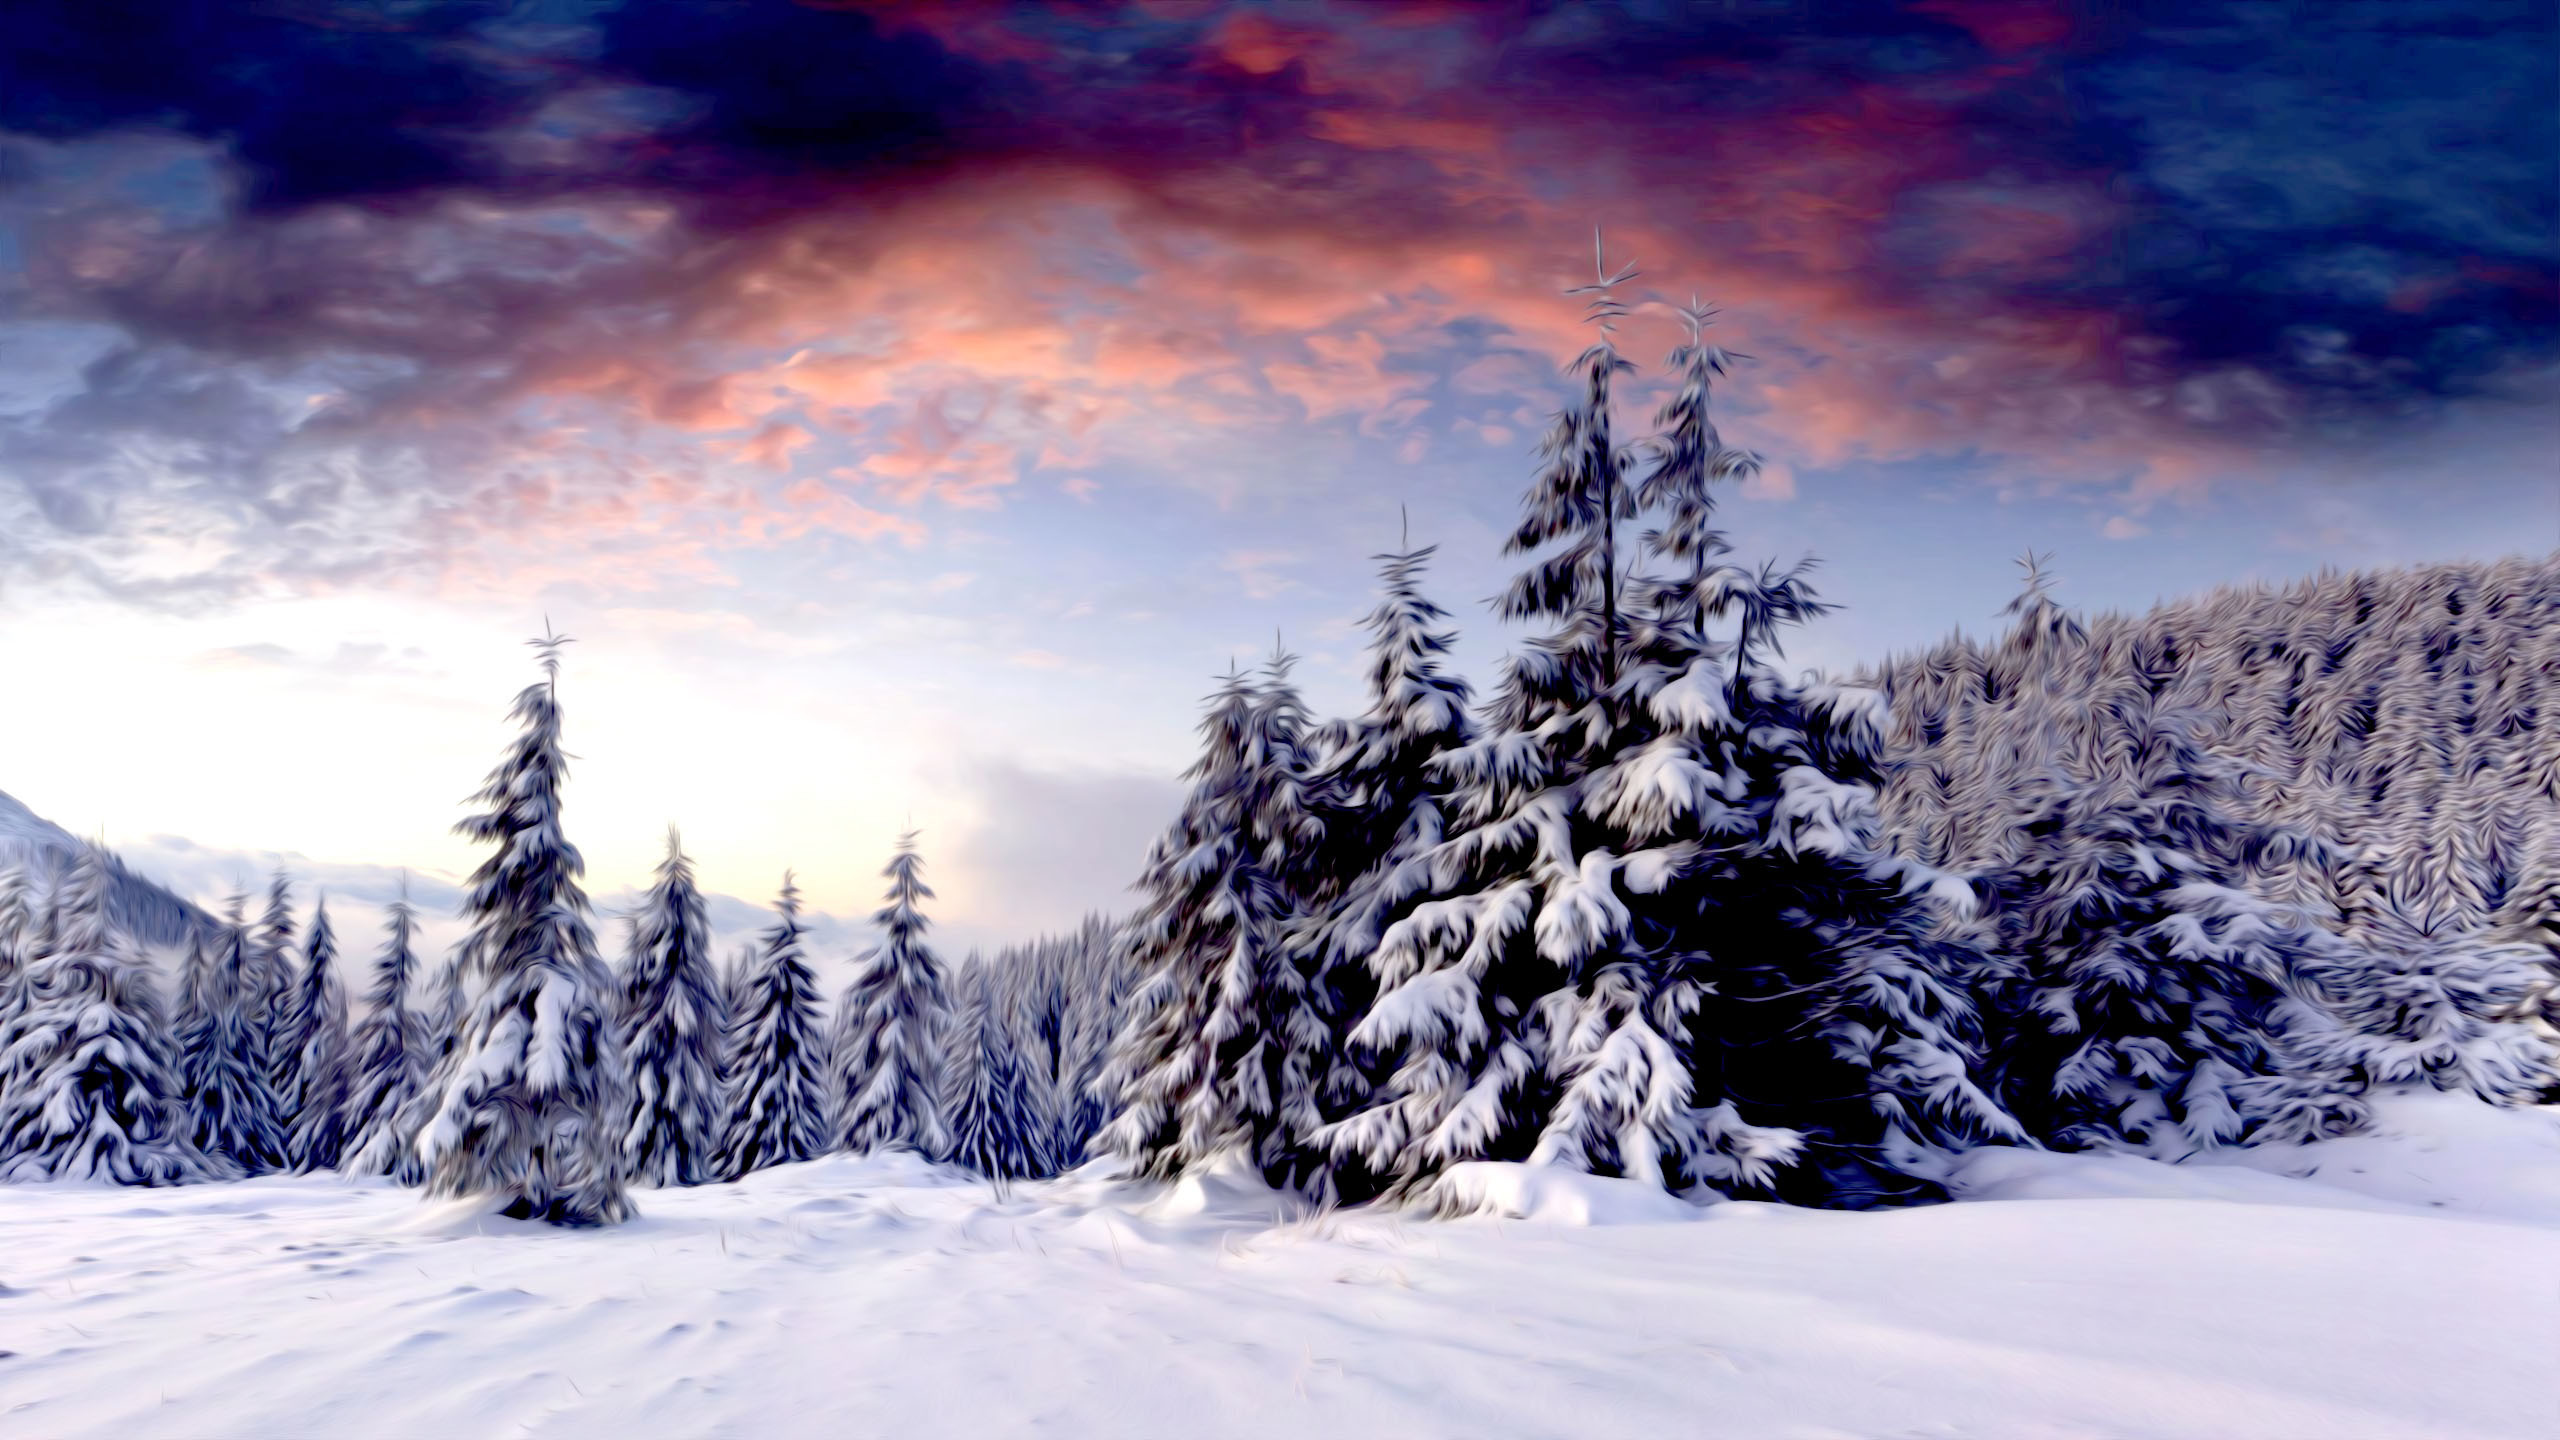 Desktop Wallpaper Winter Scenes 48 Images